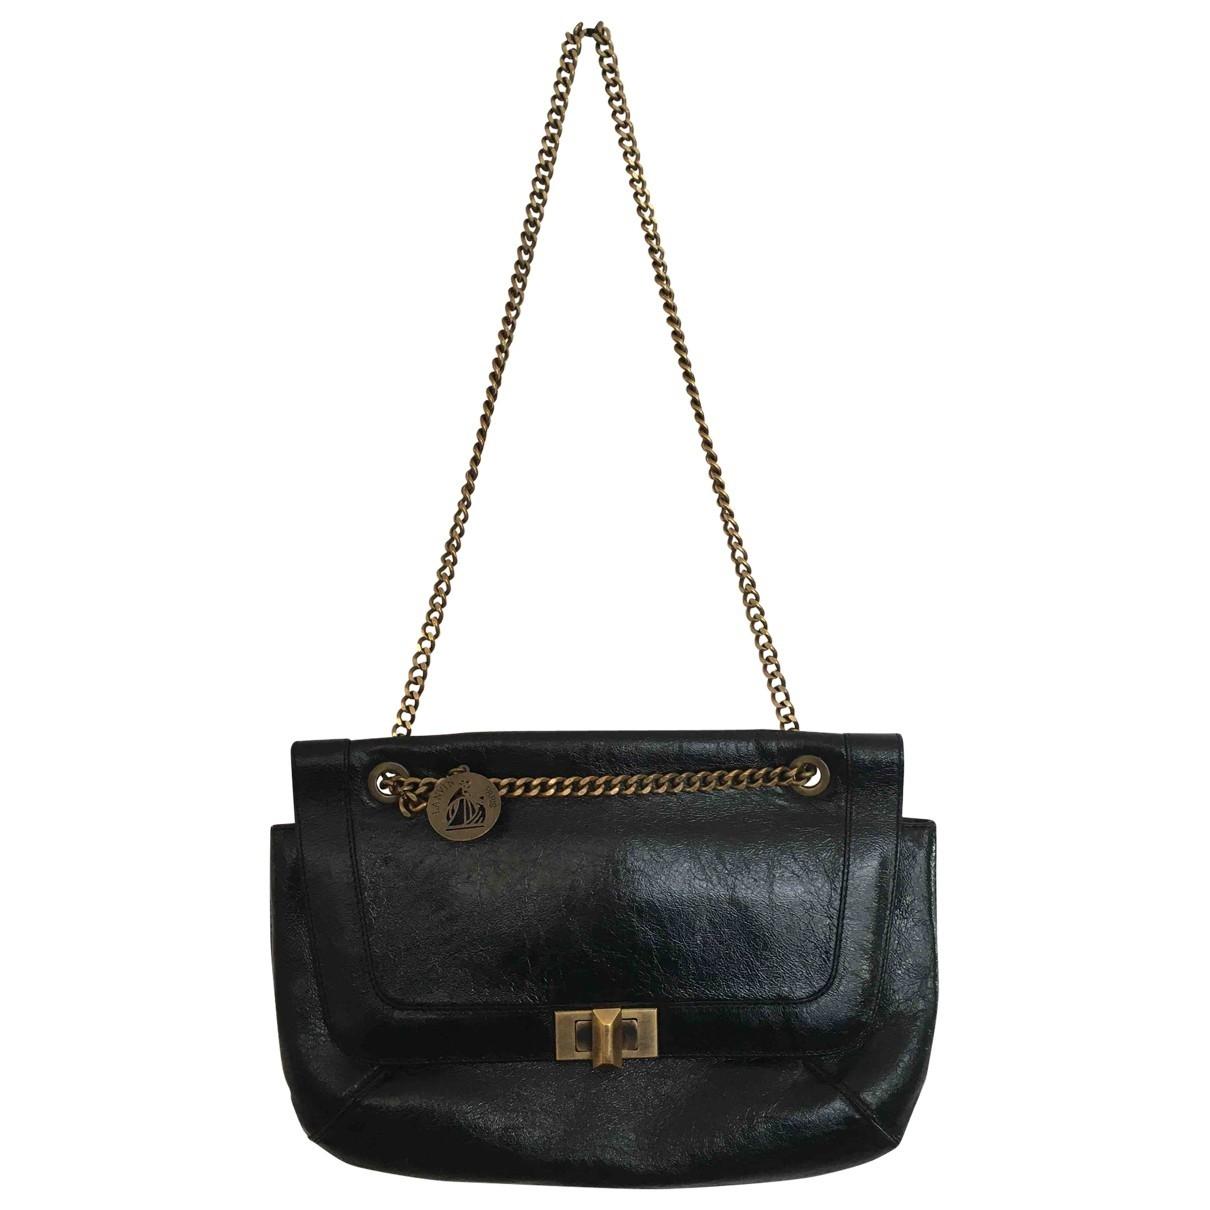 Lanvin Happy Handtasche in  Schwarz Lackleder